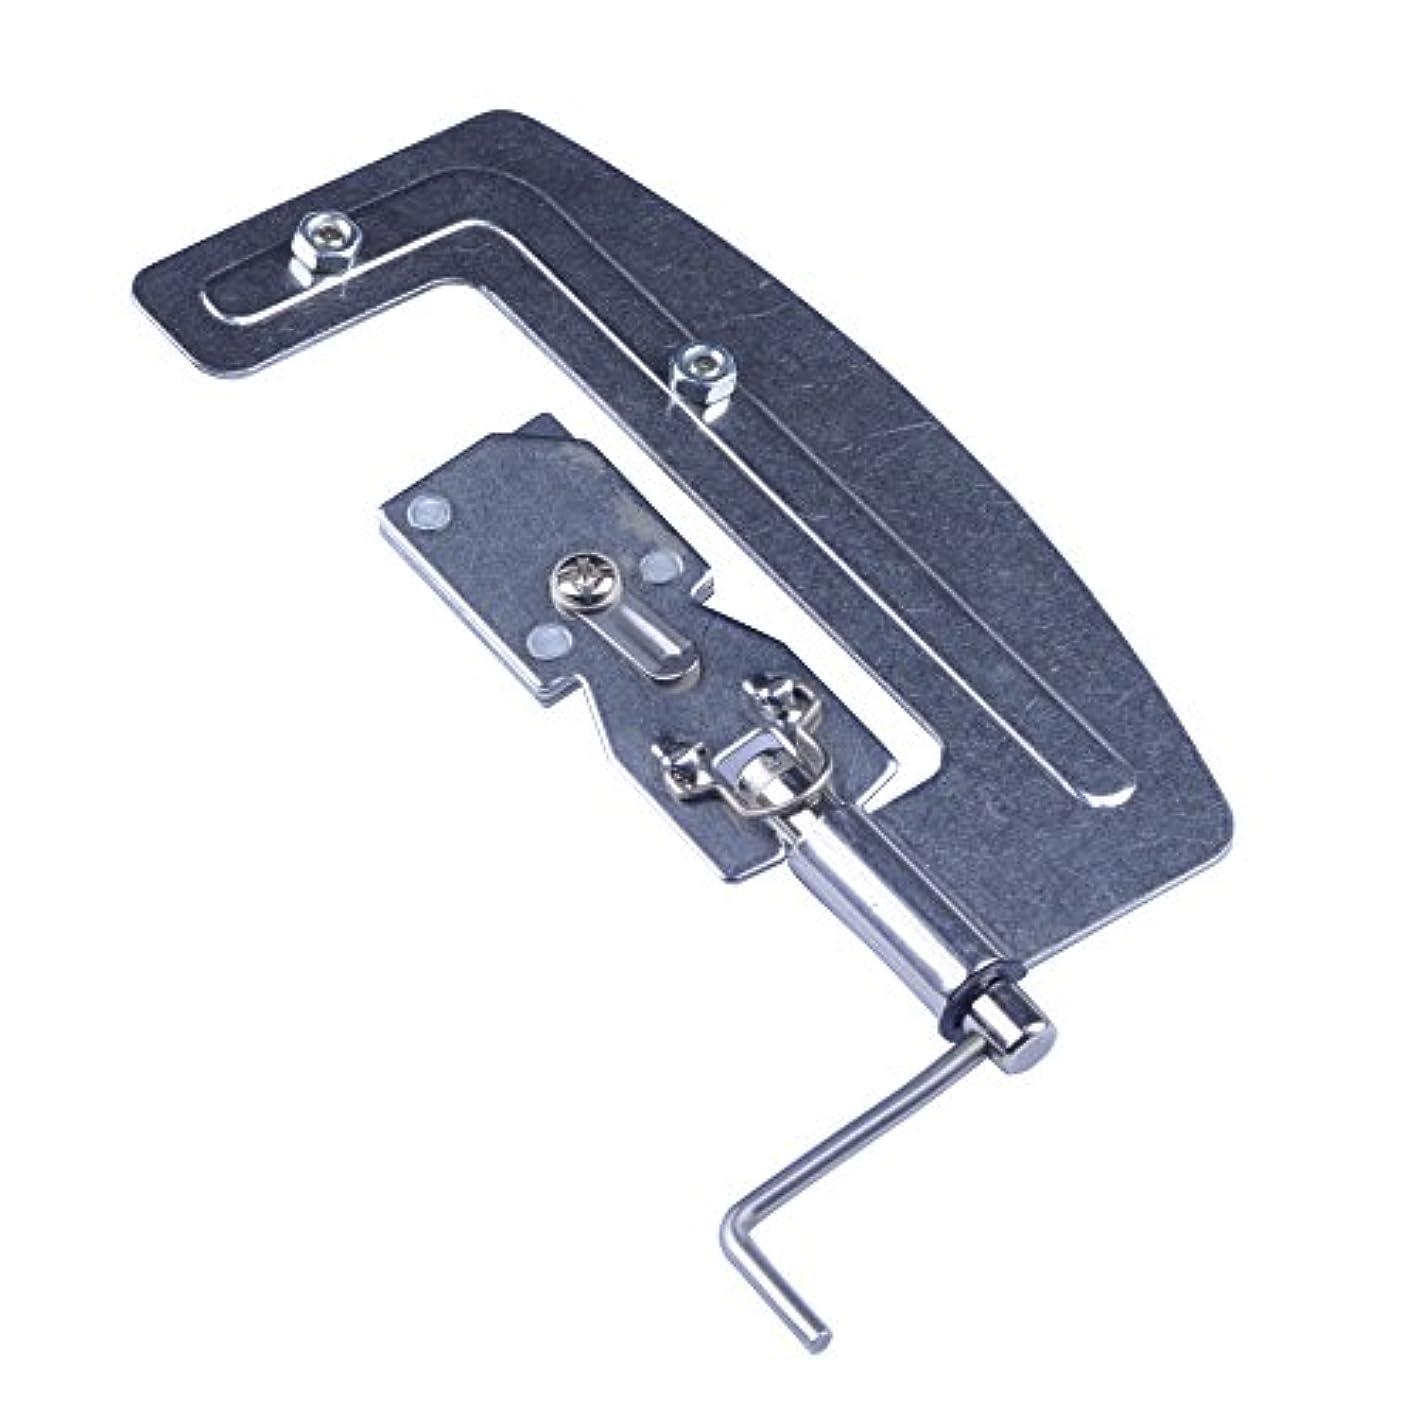 調子音声学攻撃的Hicreat 釣り針結び器 二つのサイズ選べる 取り扱う簡単 結べる 釣り用具 針仕掛け結び器